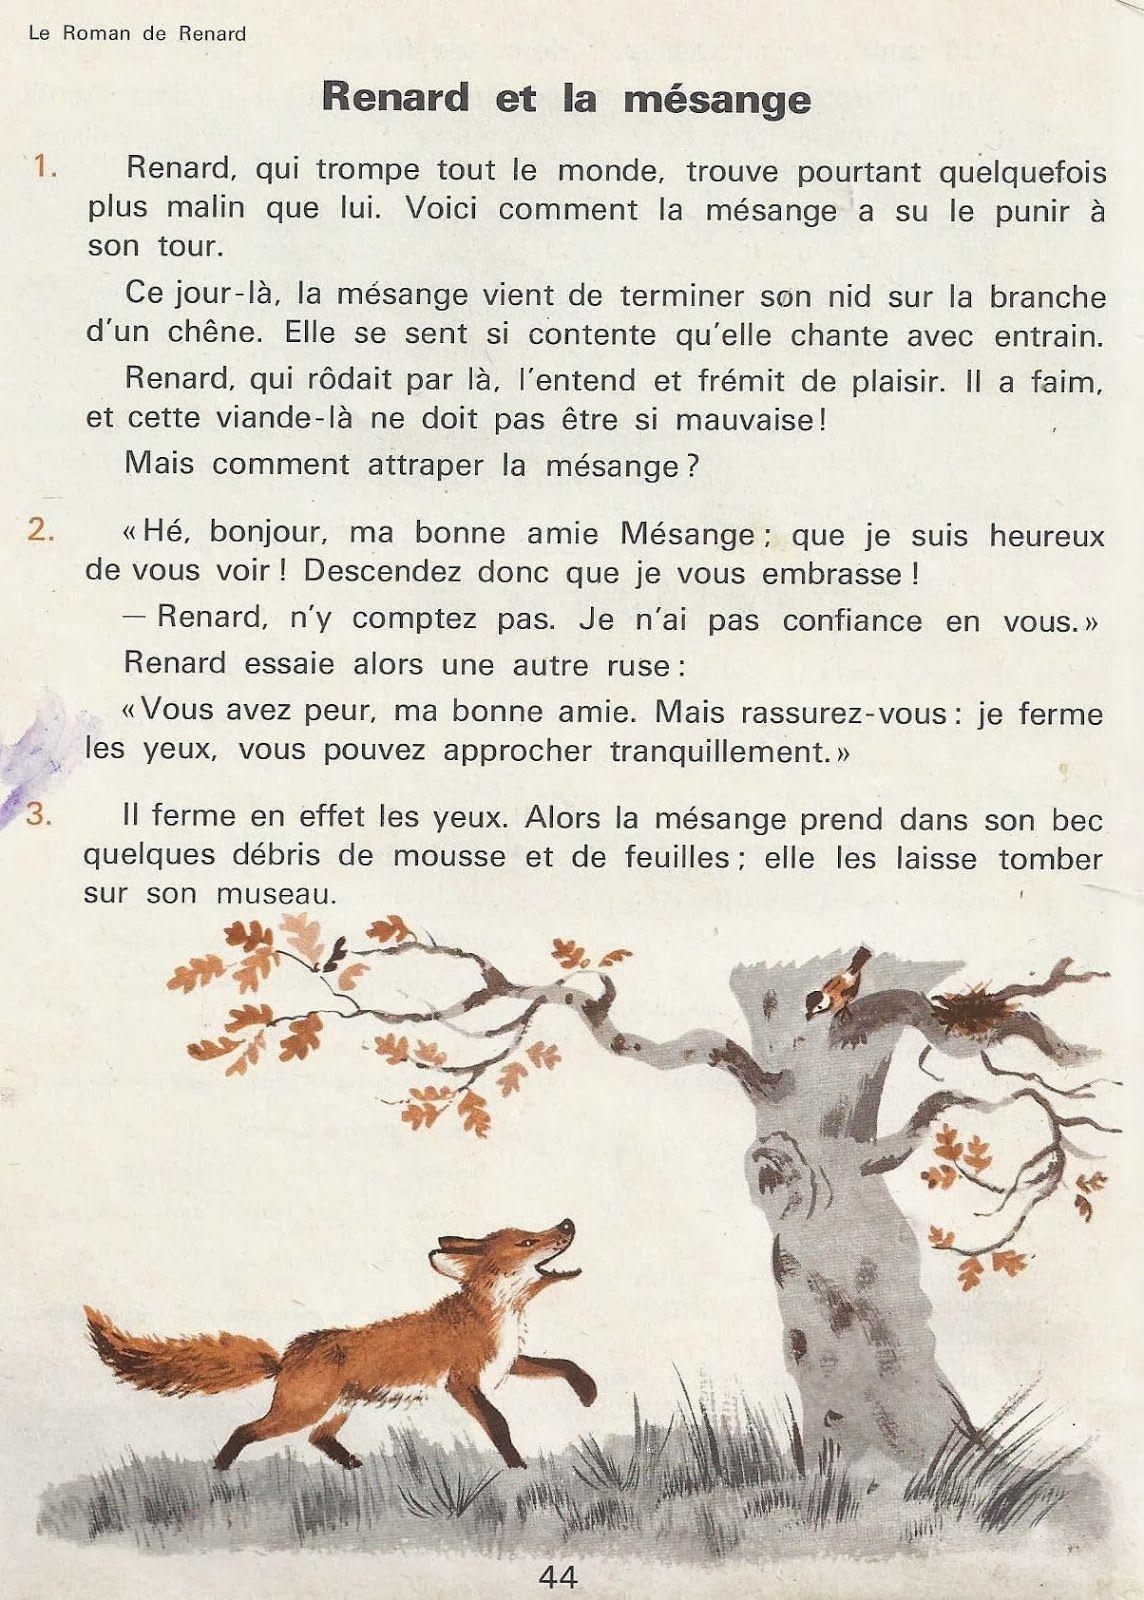 4 Aventures De Renard Le Roman De Renart Roman De Renart Renard Texte En Francais